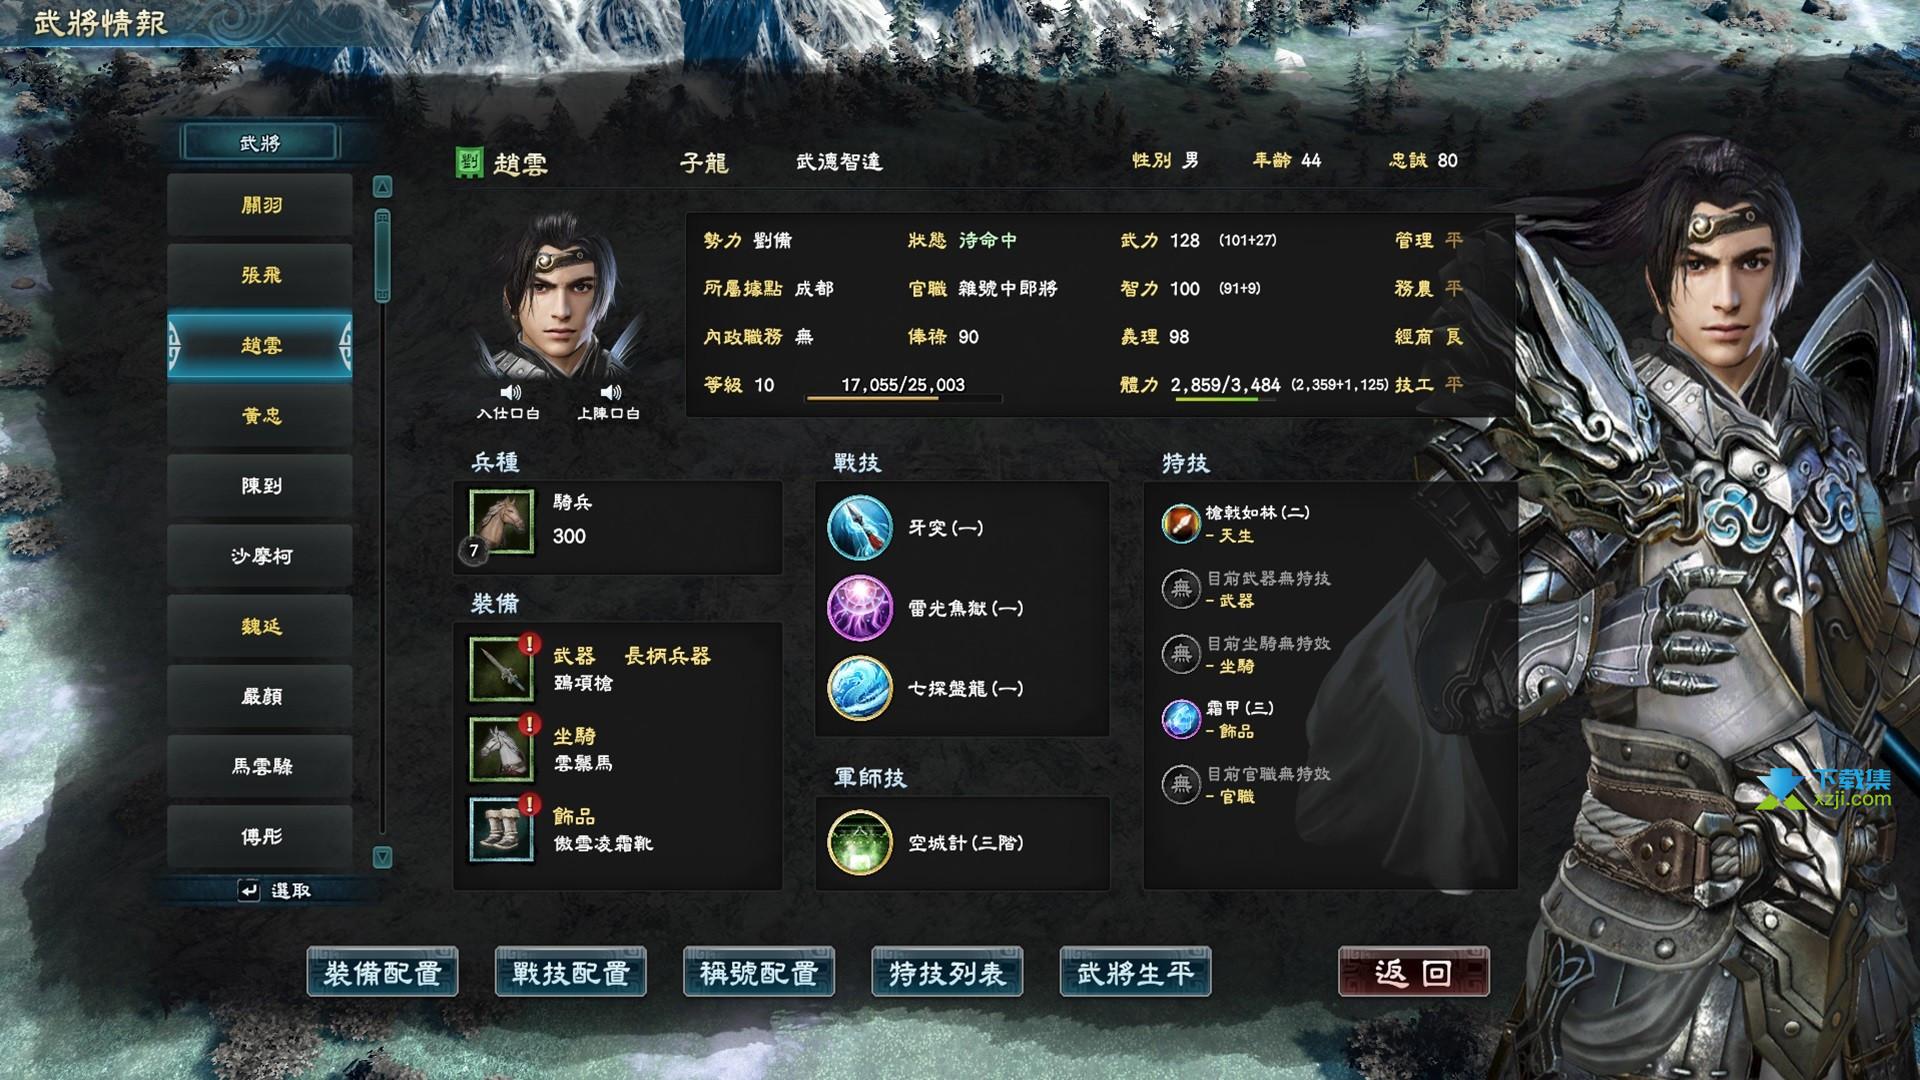 三国群英传8中文版界面5